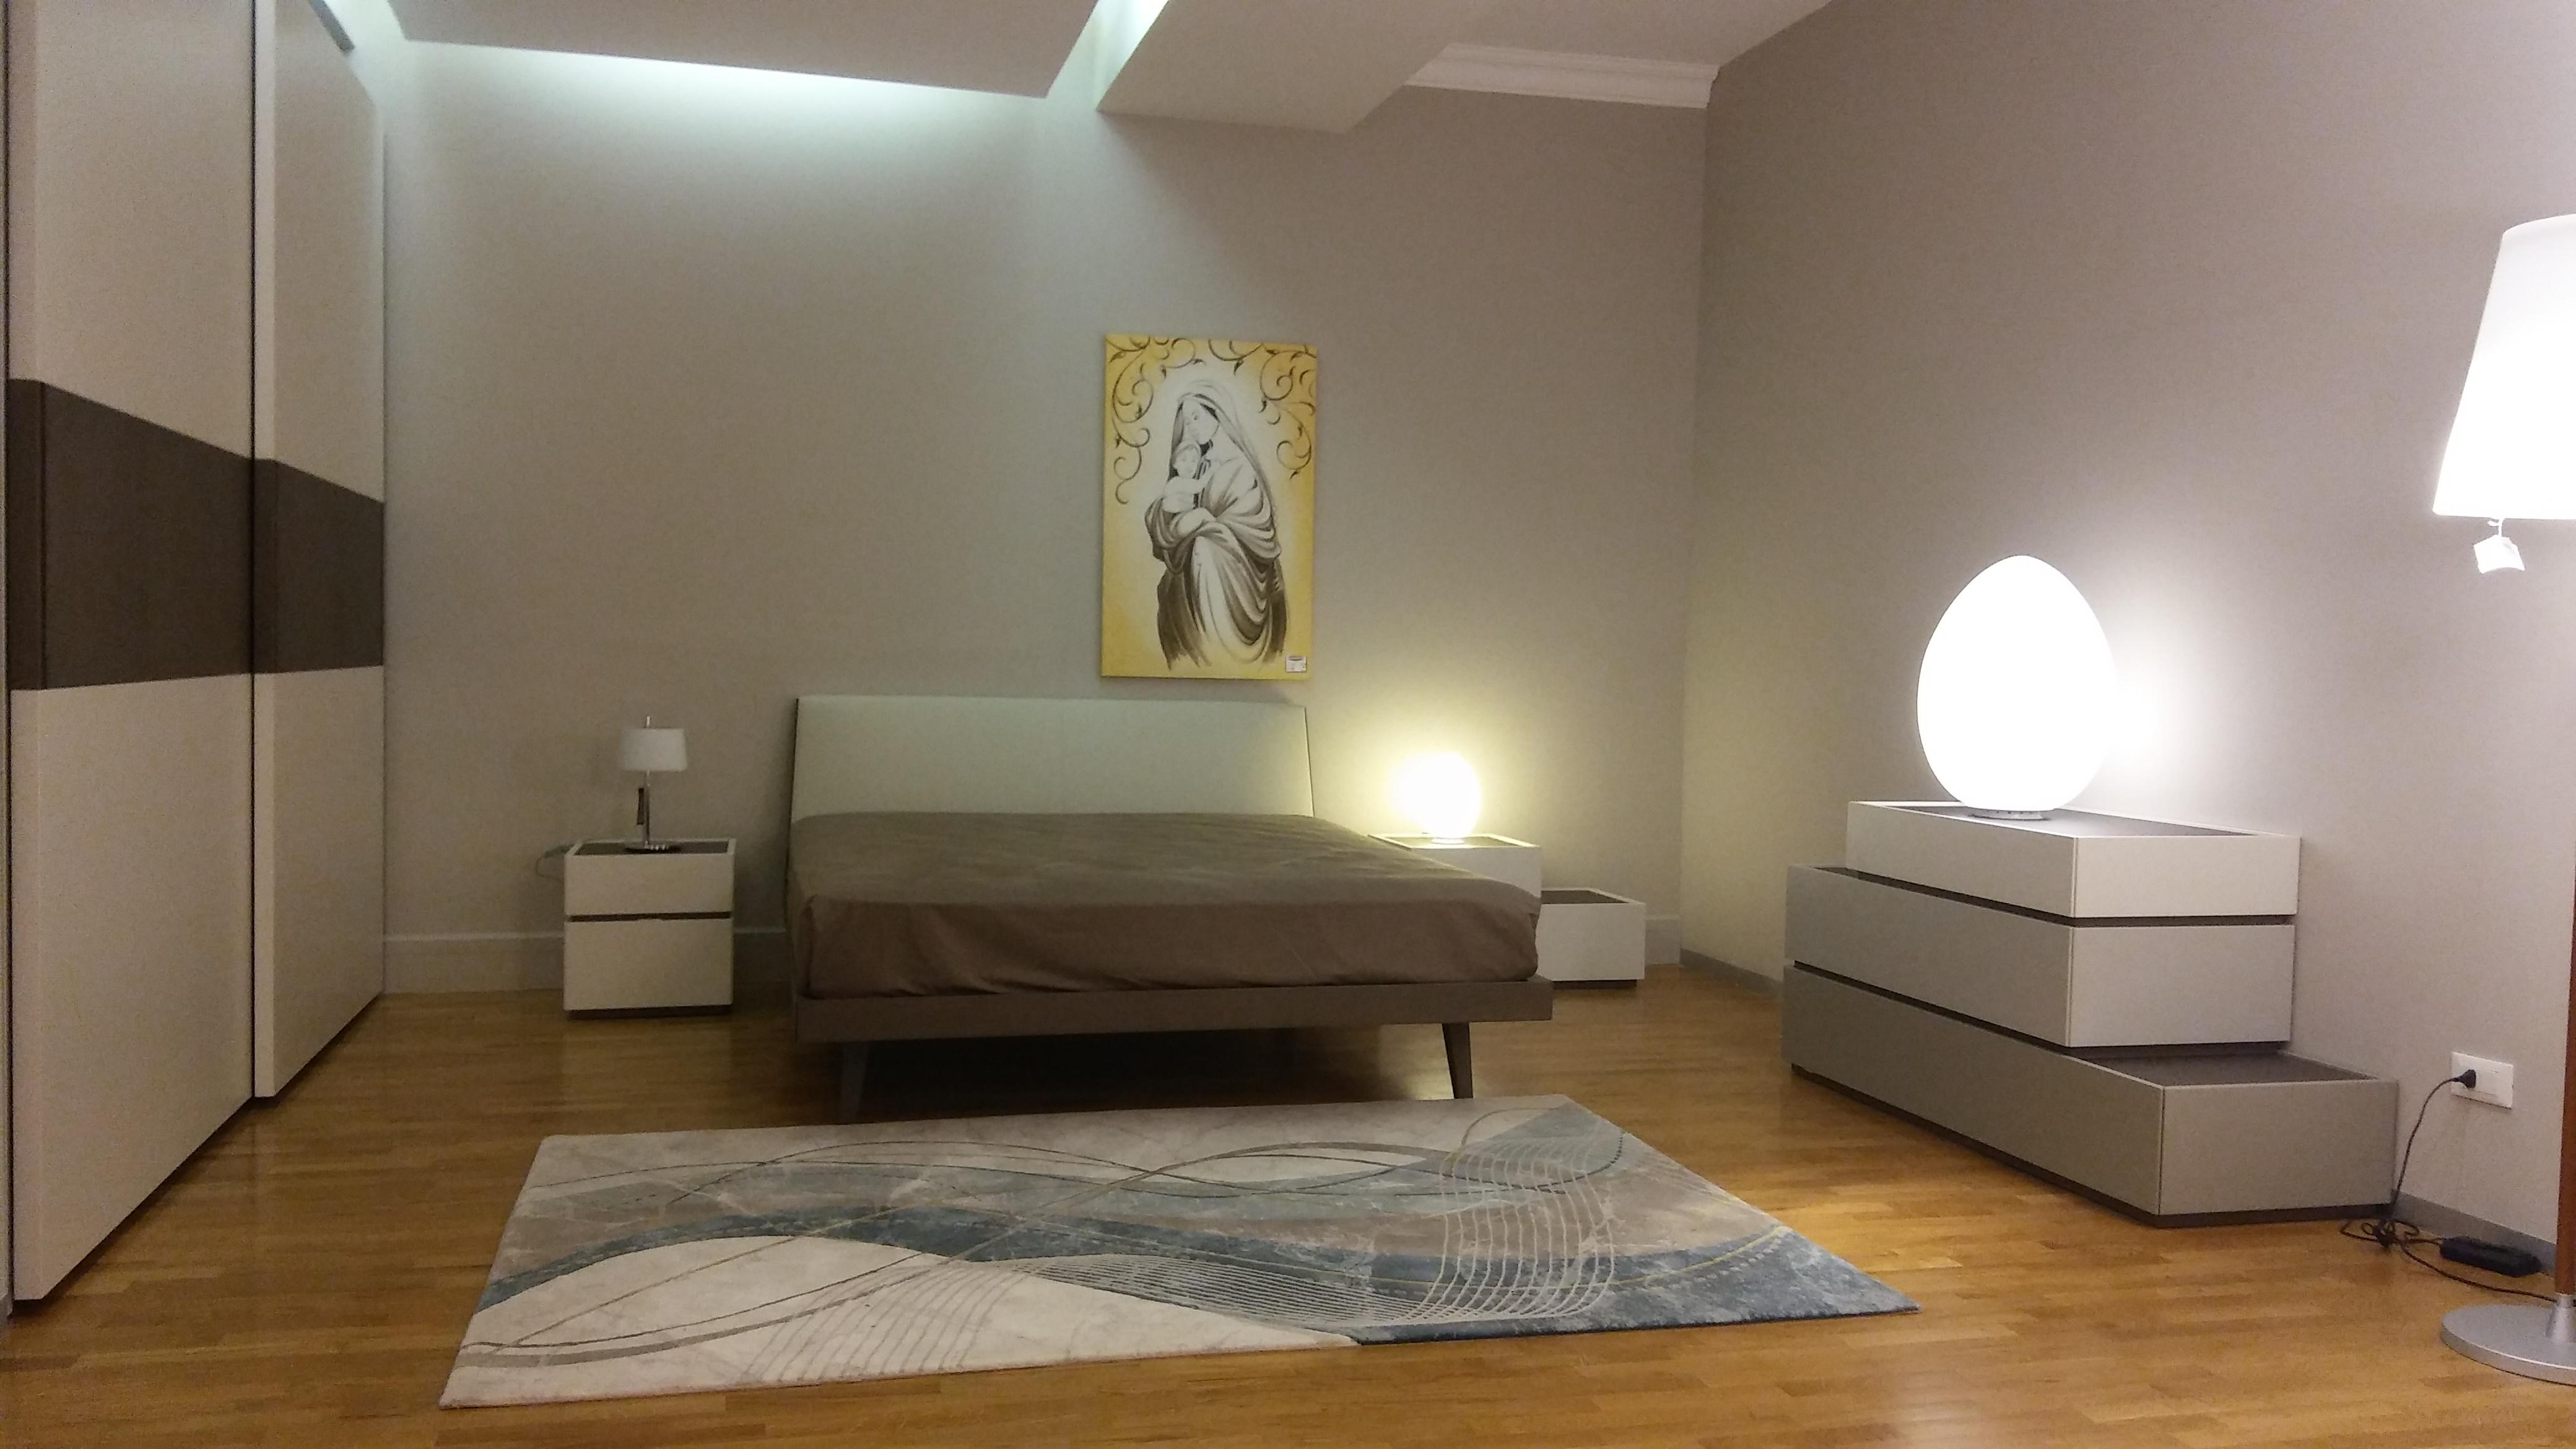 Azienda arredi nicosia arredare con passione e cura del - Passione italiana camera da letto ...